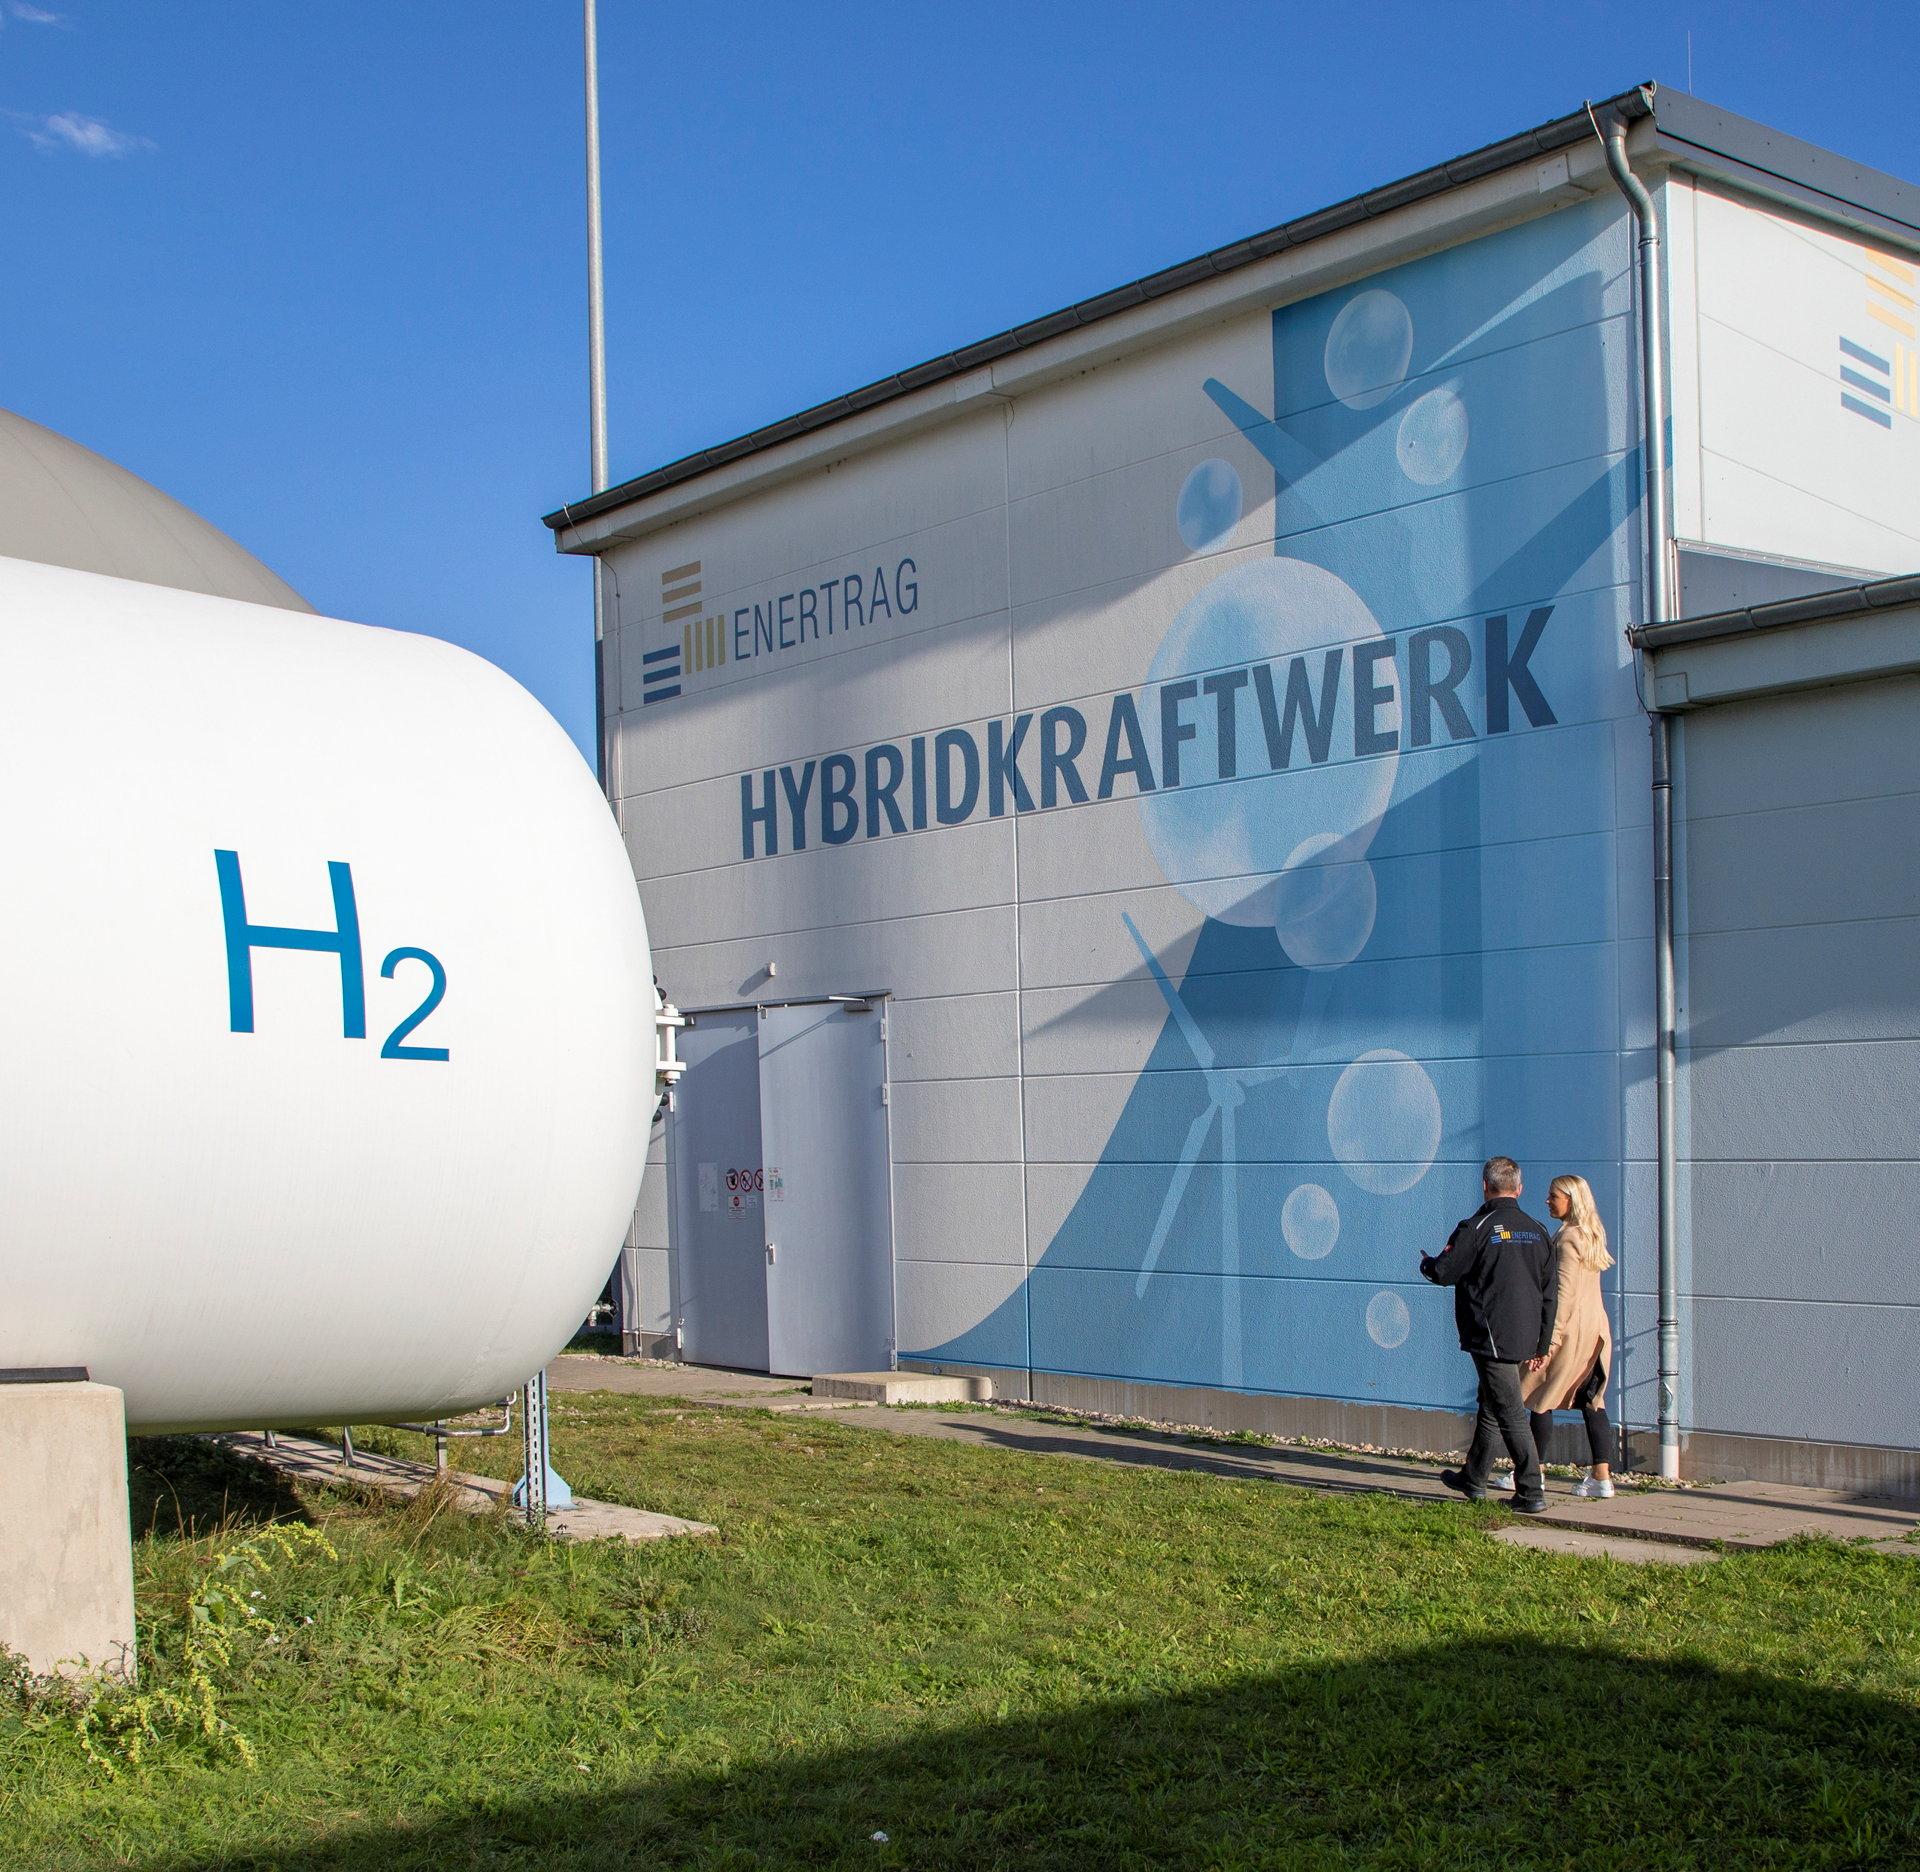 Weißer Wasserstofftank und Hybridkraftwerksgebäude von außen.